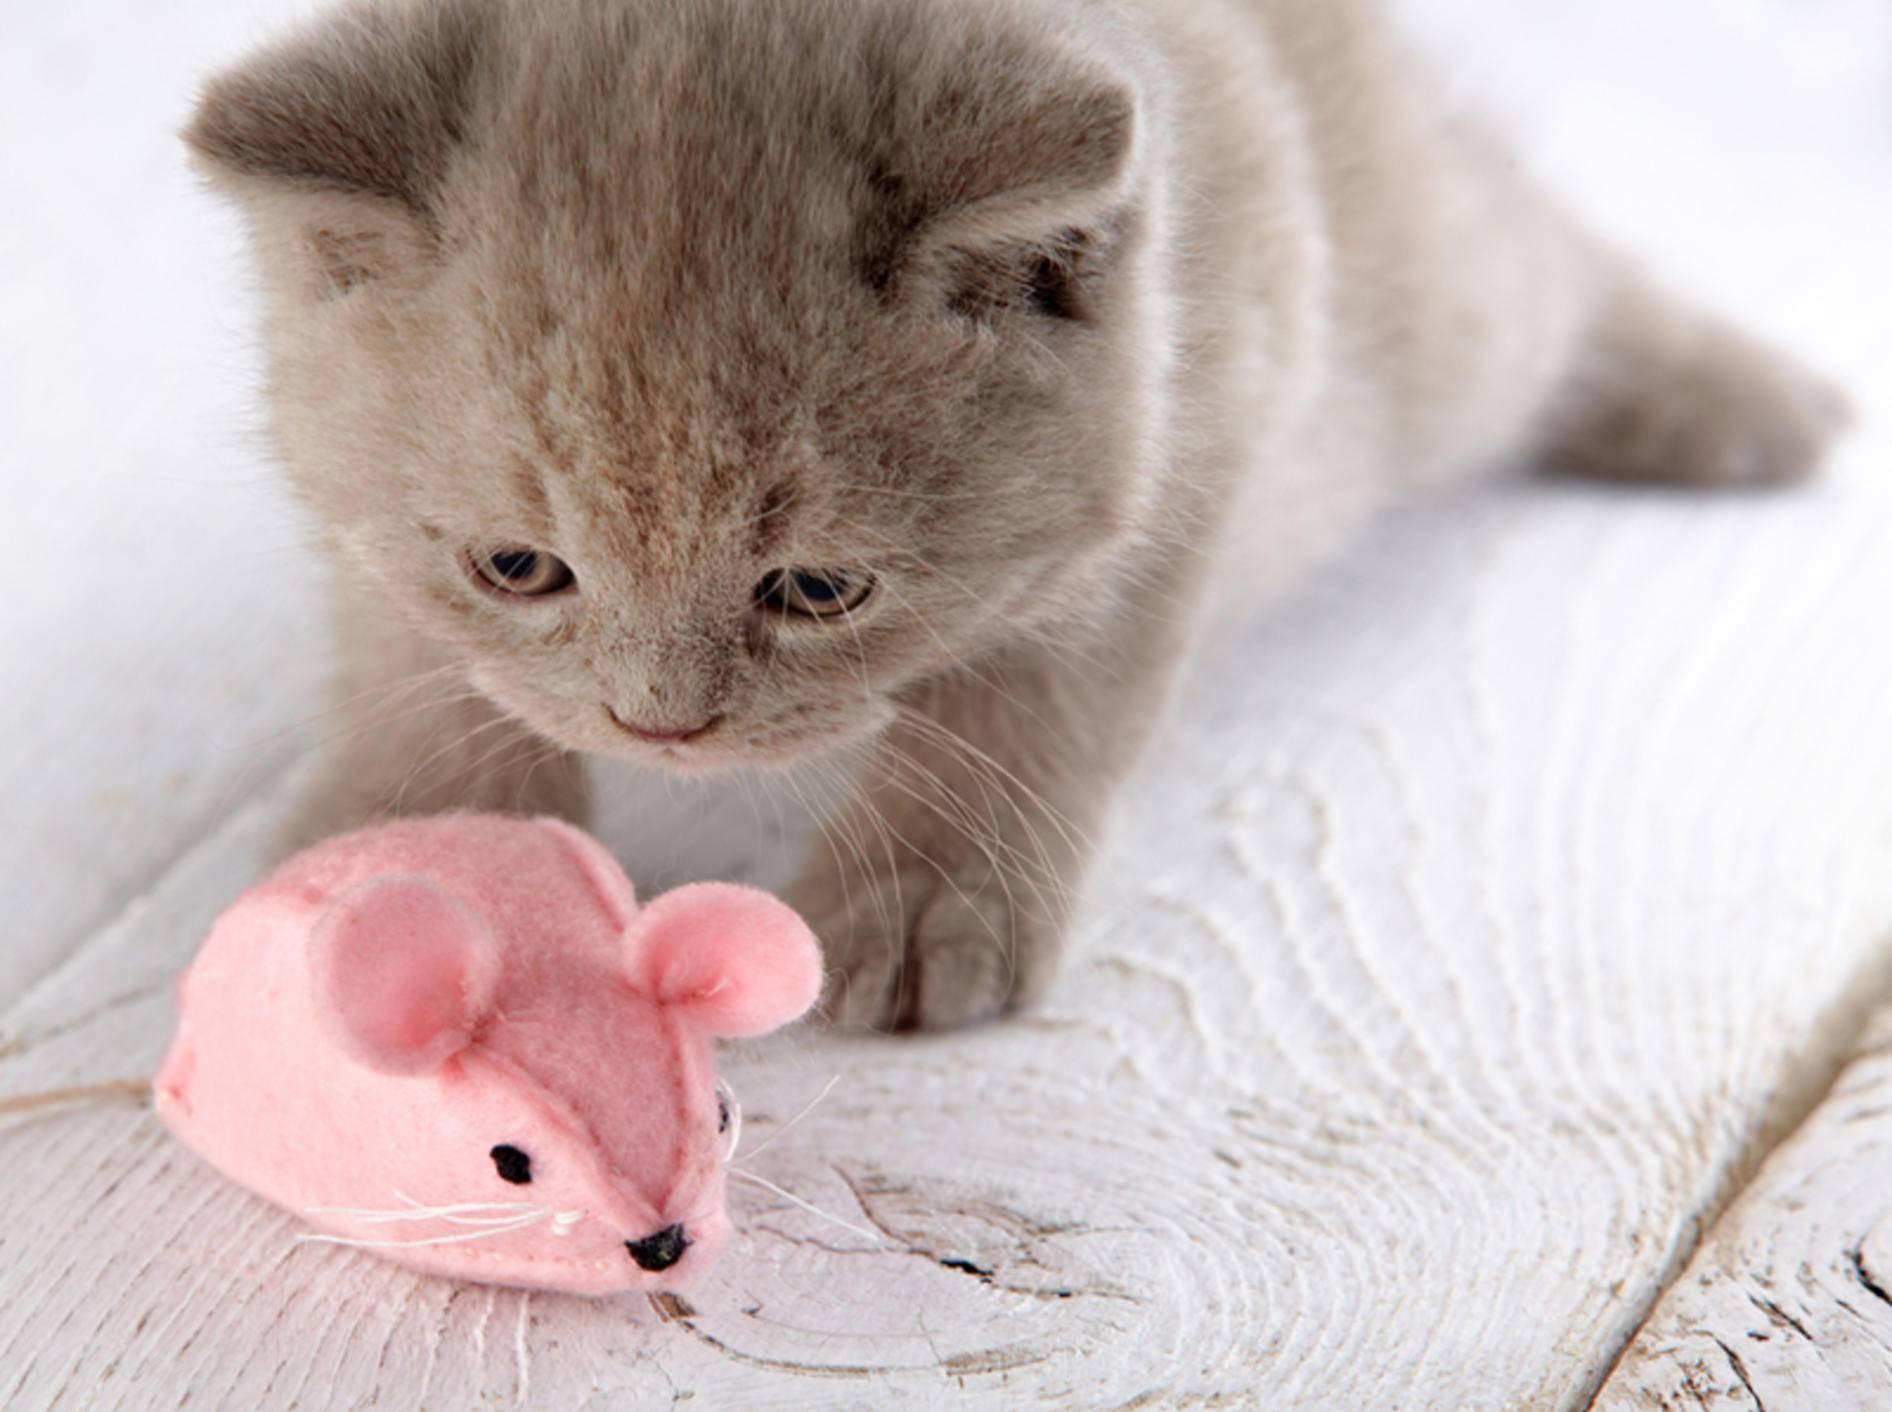 Eine Katze kann lernen, ihr Spielzeug zu apportieren – Bild:n Shutterstockl / MaraZe